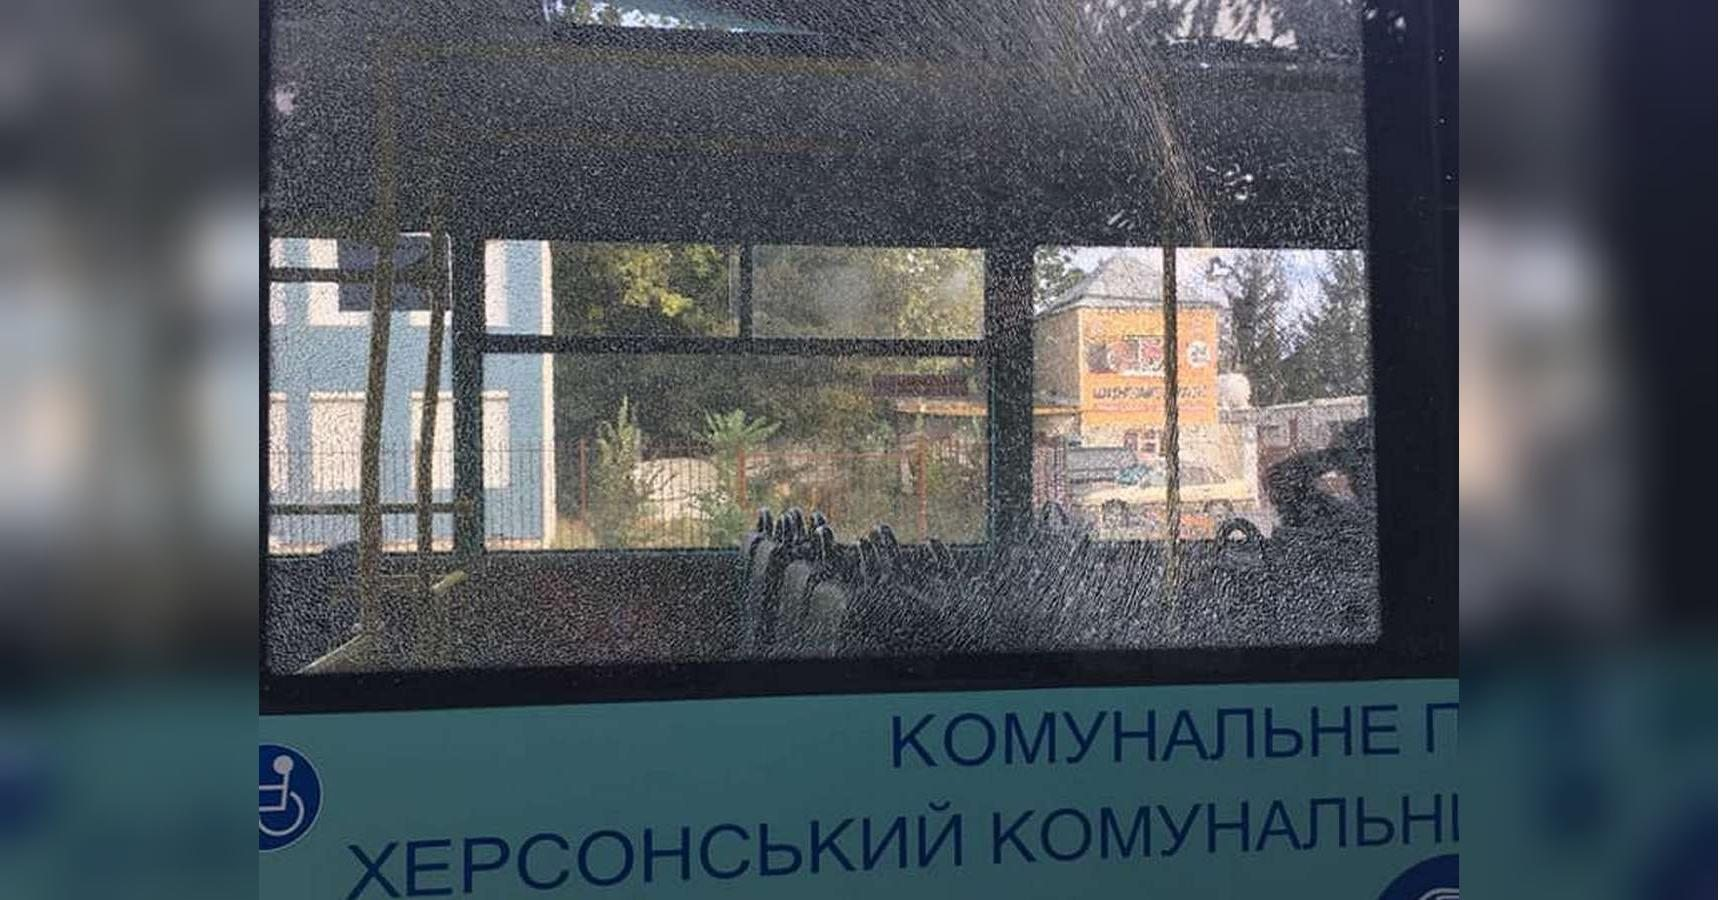 Обстрел пассажирского автобуса в Херсоне сочли хулиганством